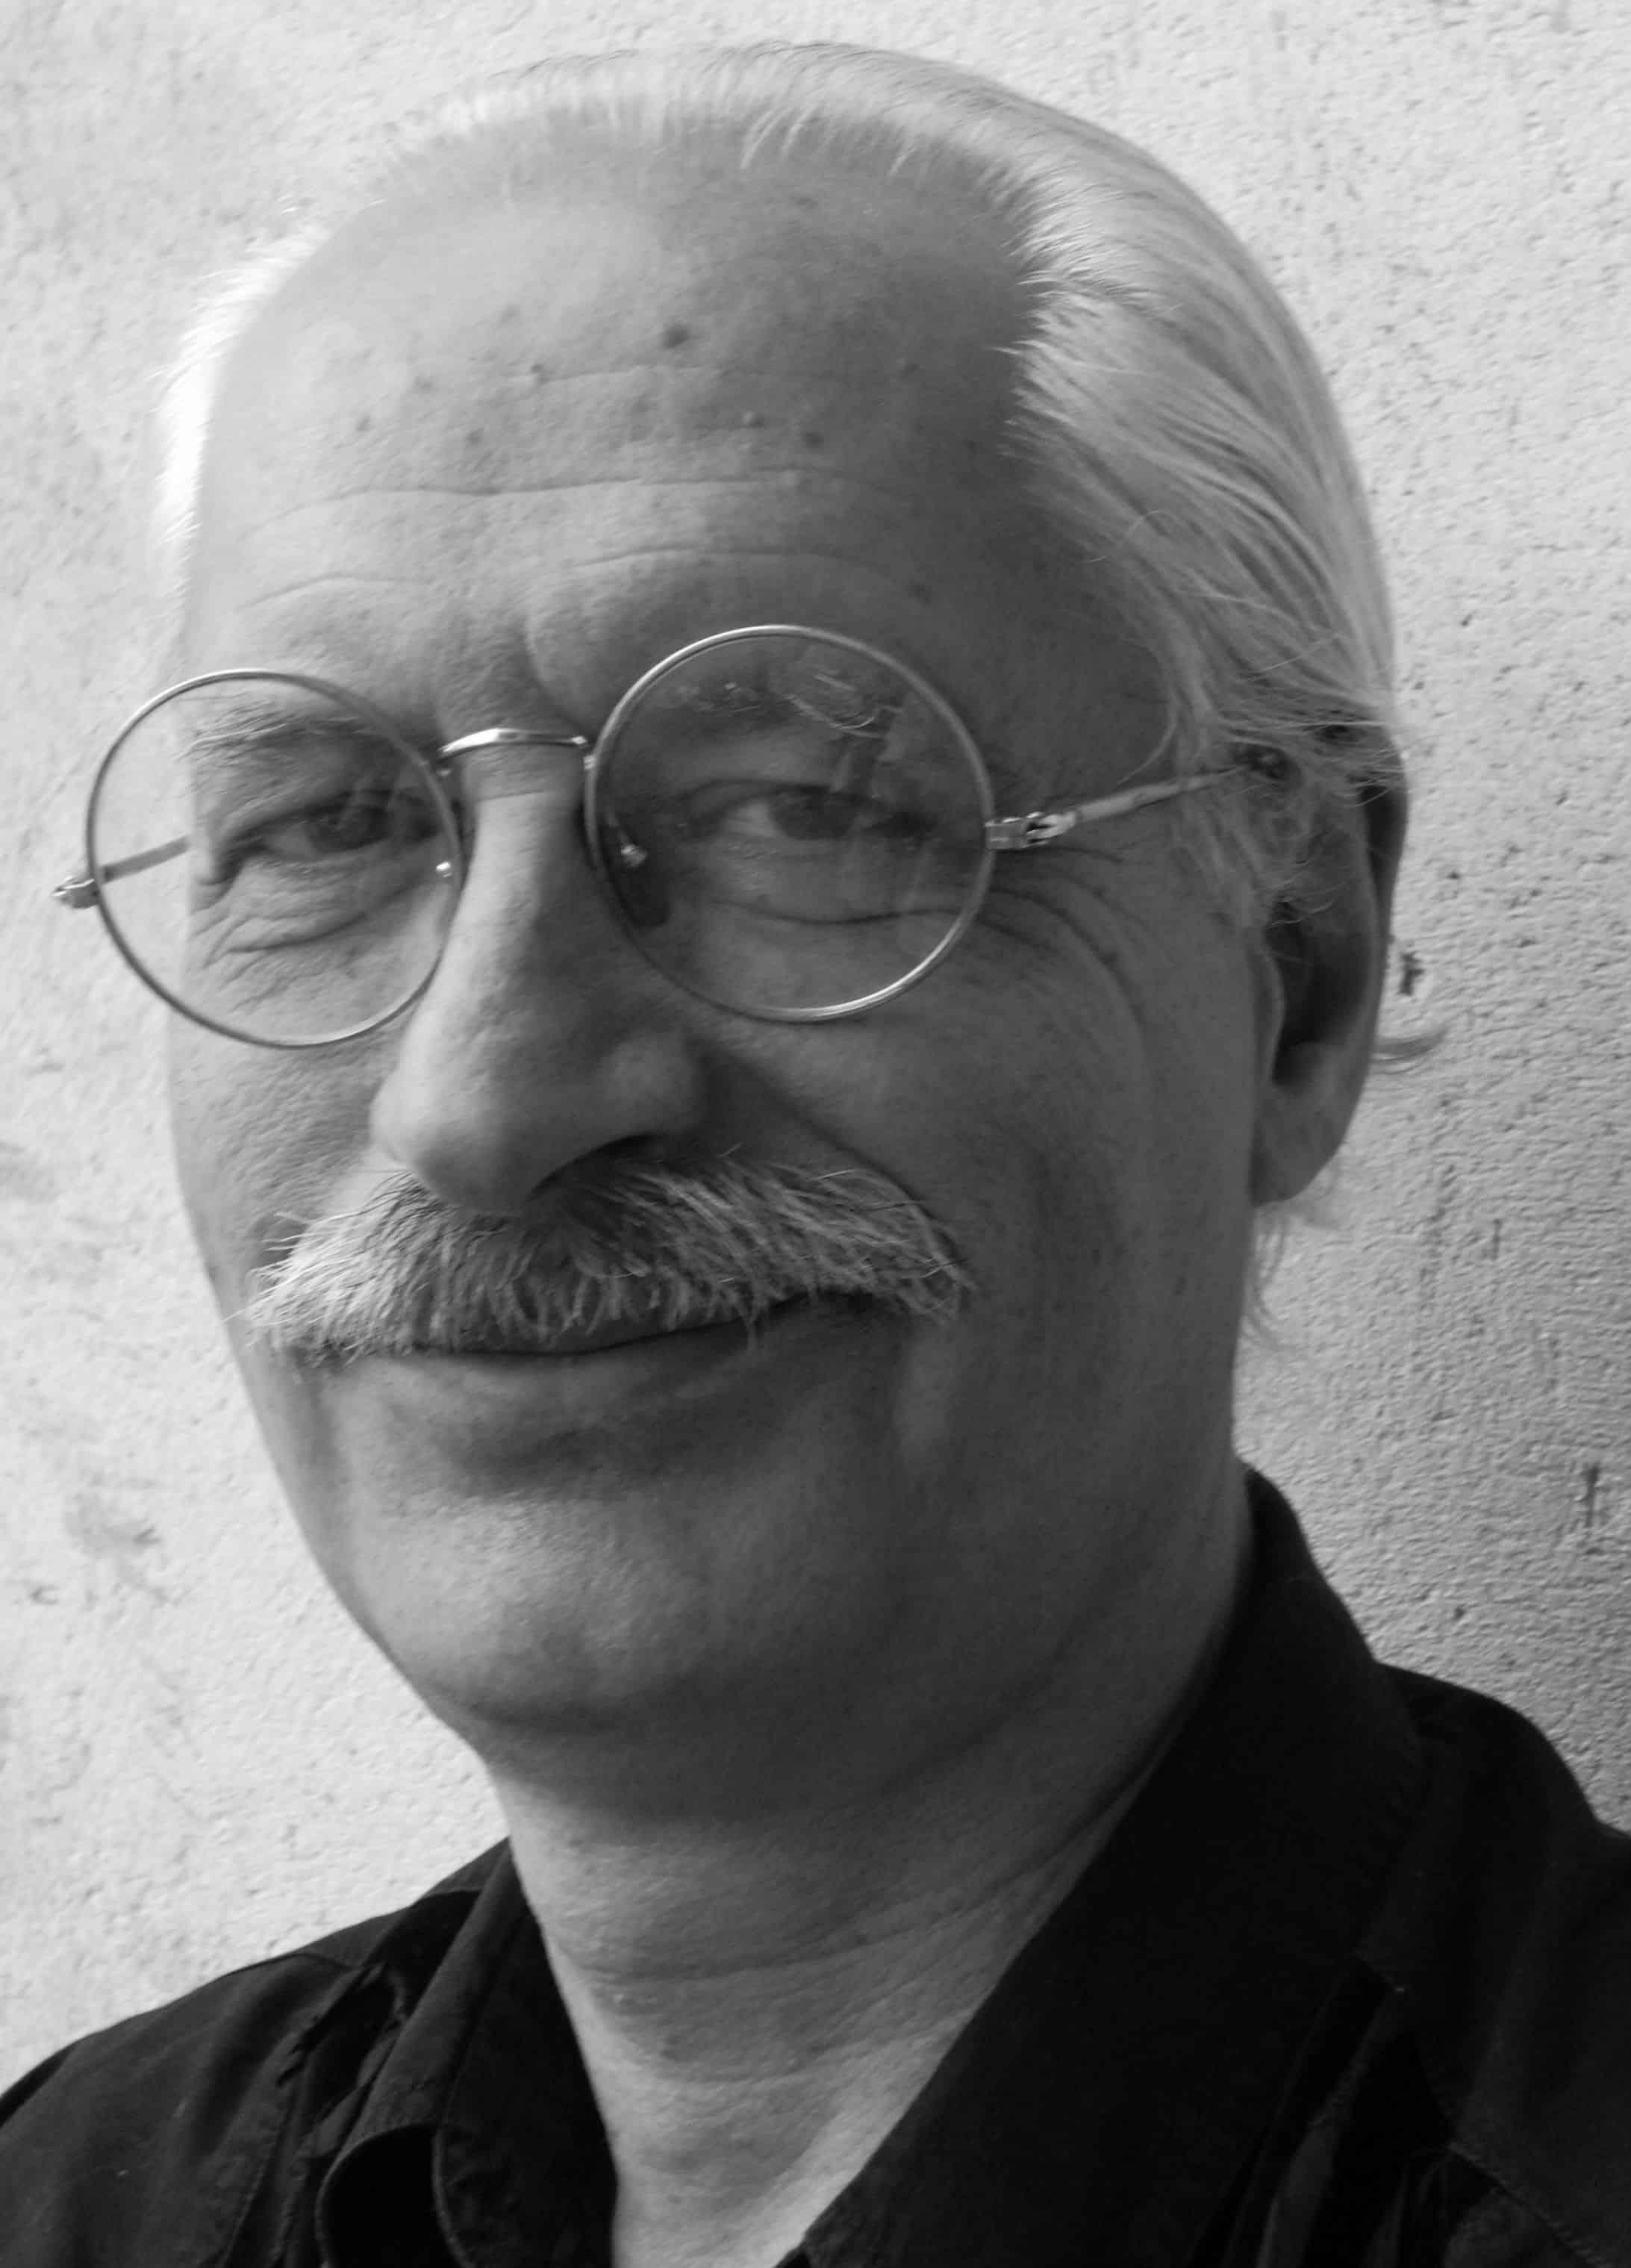 Gianfranco Manfredi recensisce I manifesti del maggio francese